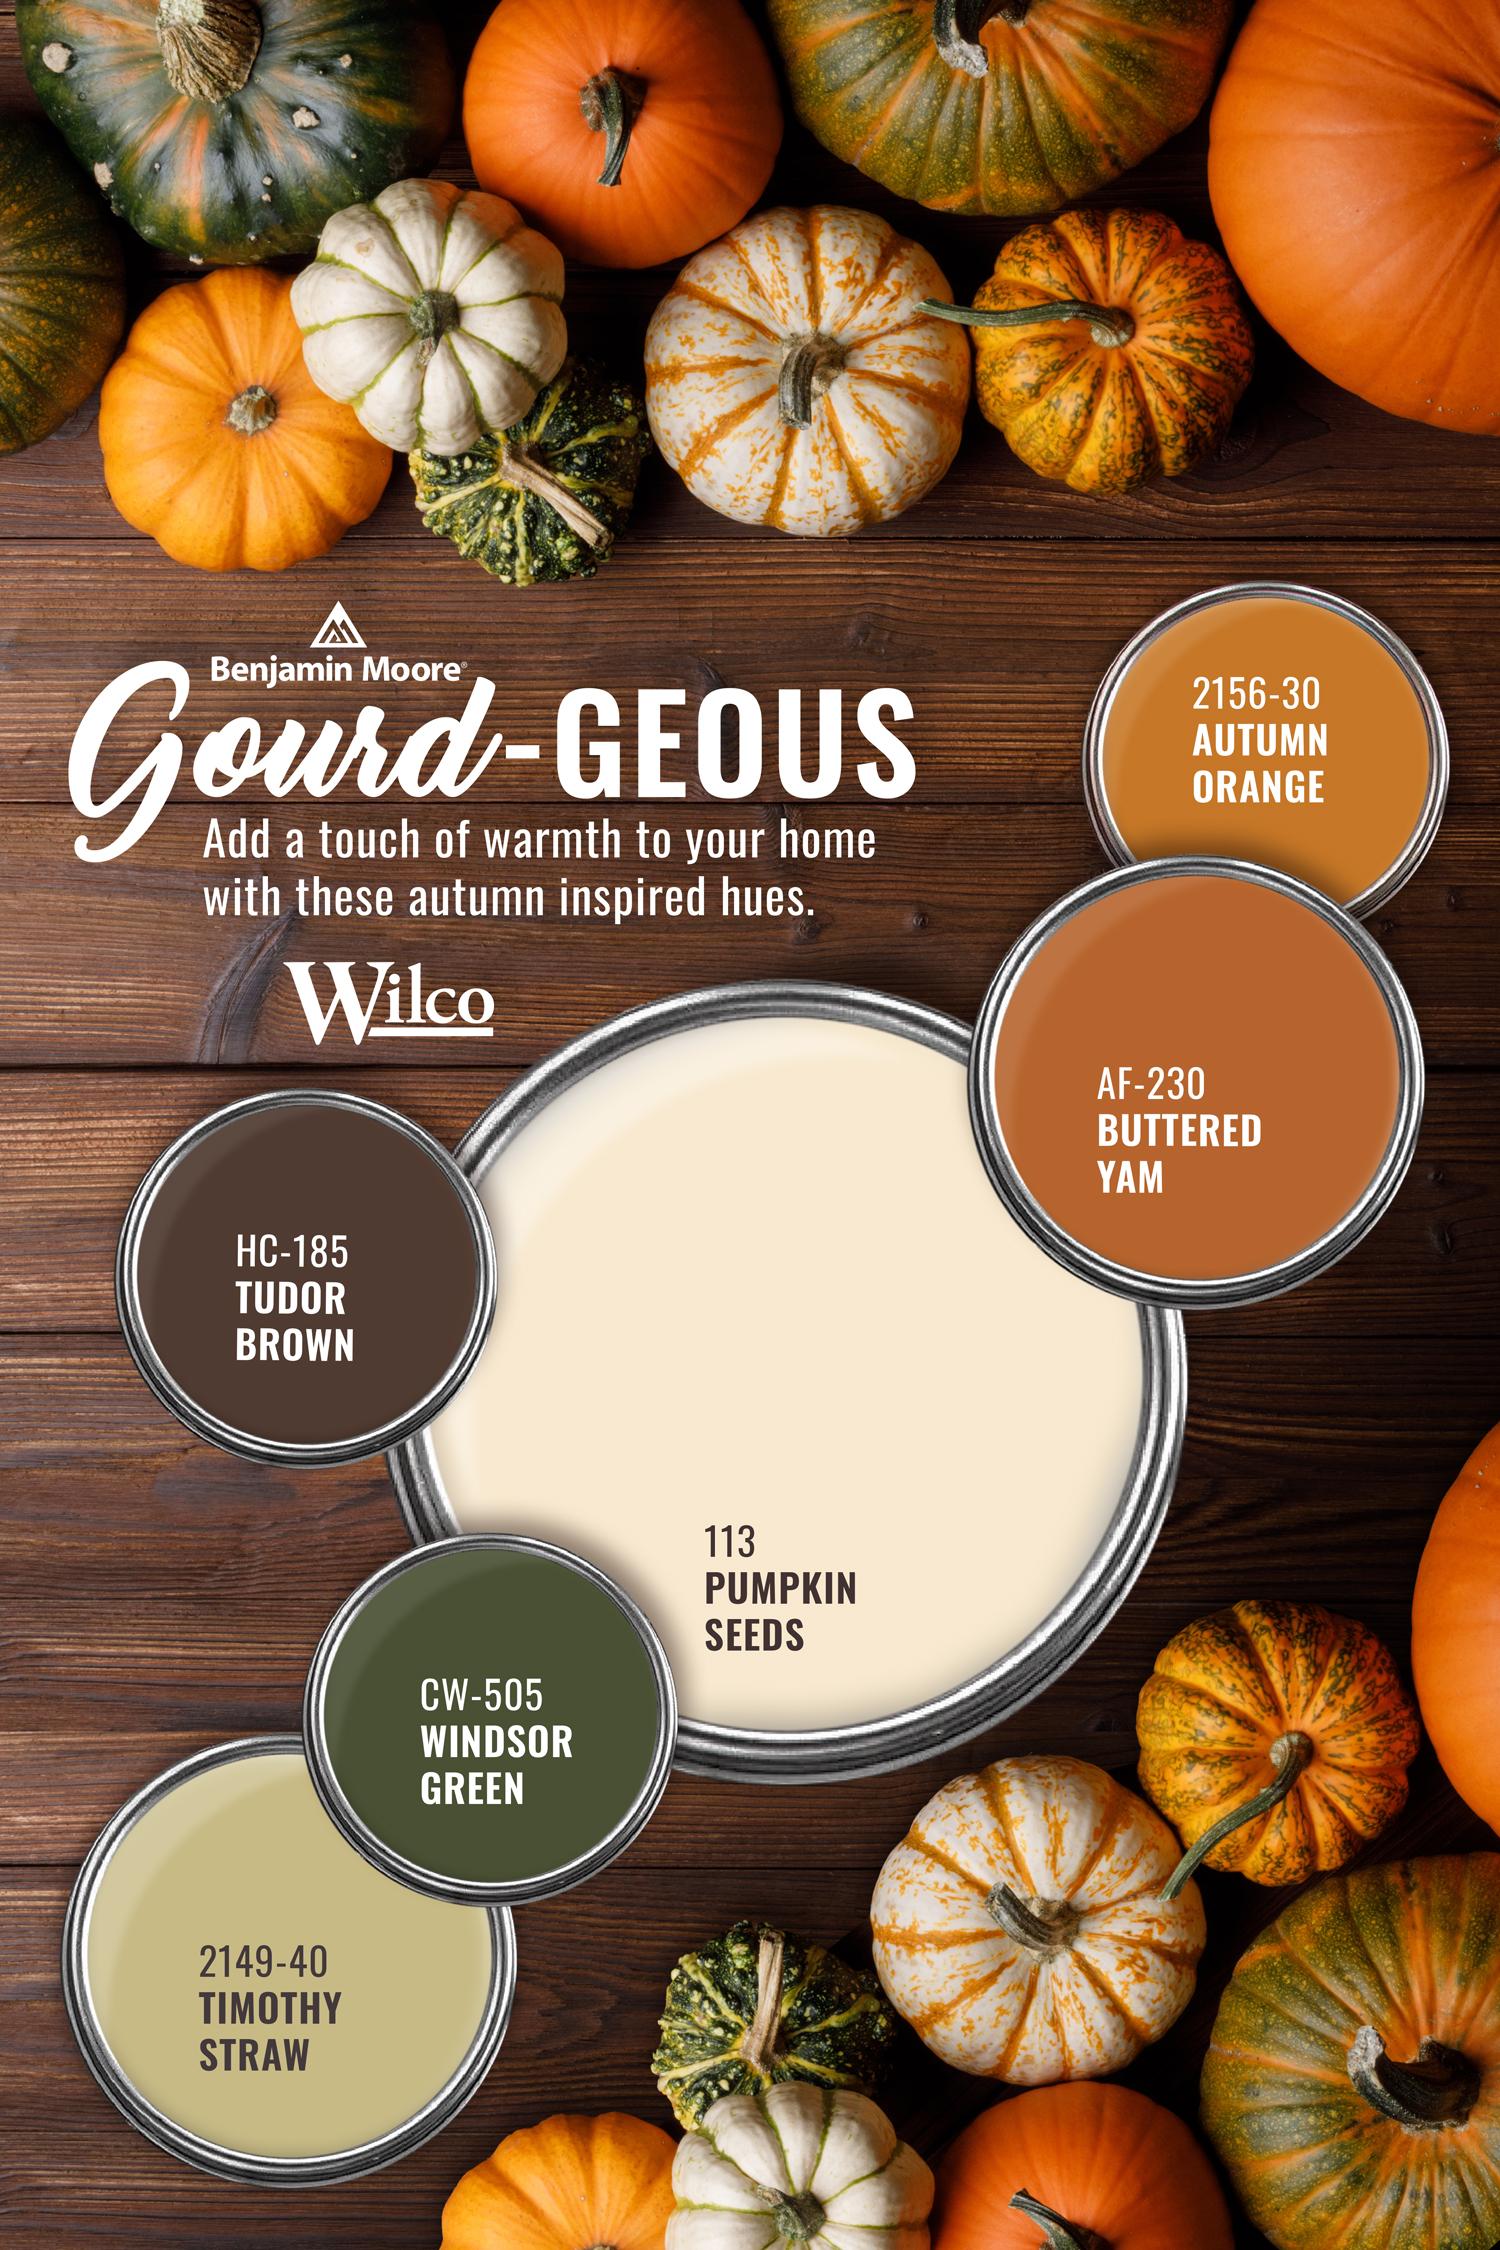 Gourd-geous Hues